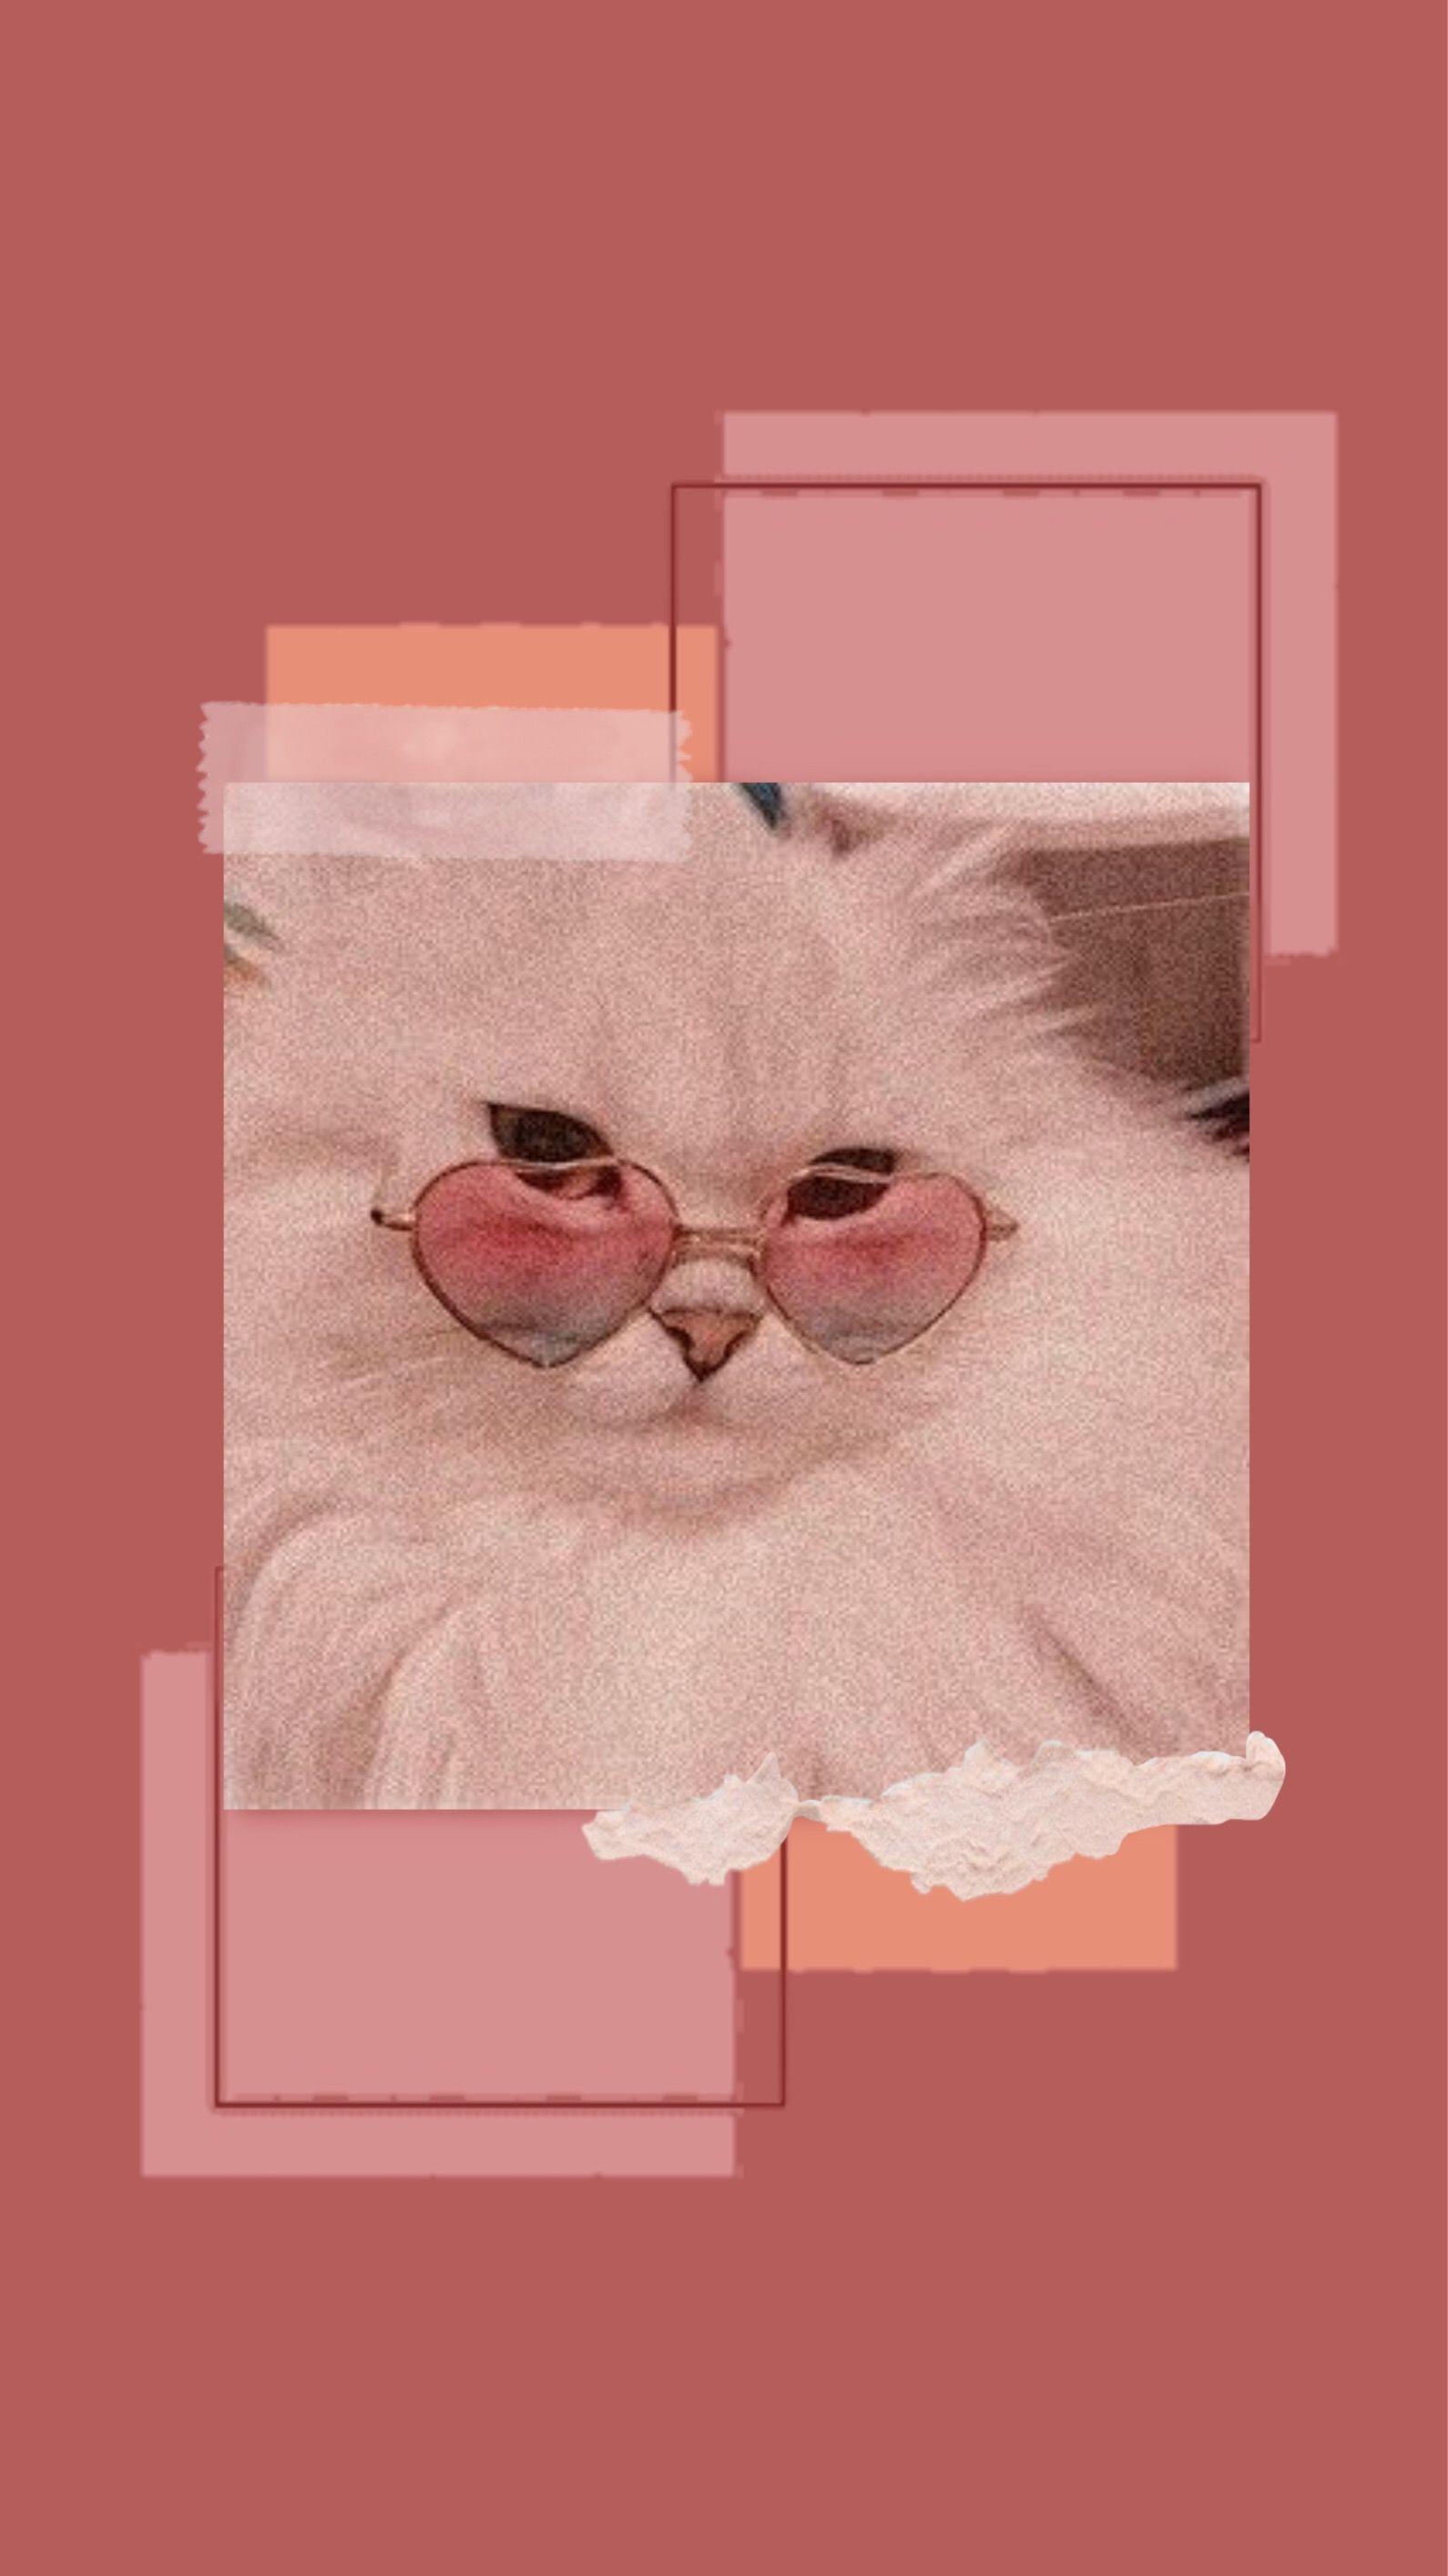 wallpaper cat wallpaper gambar kucing aesthetic